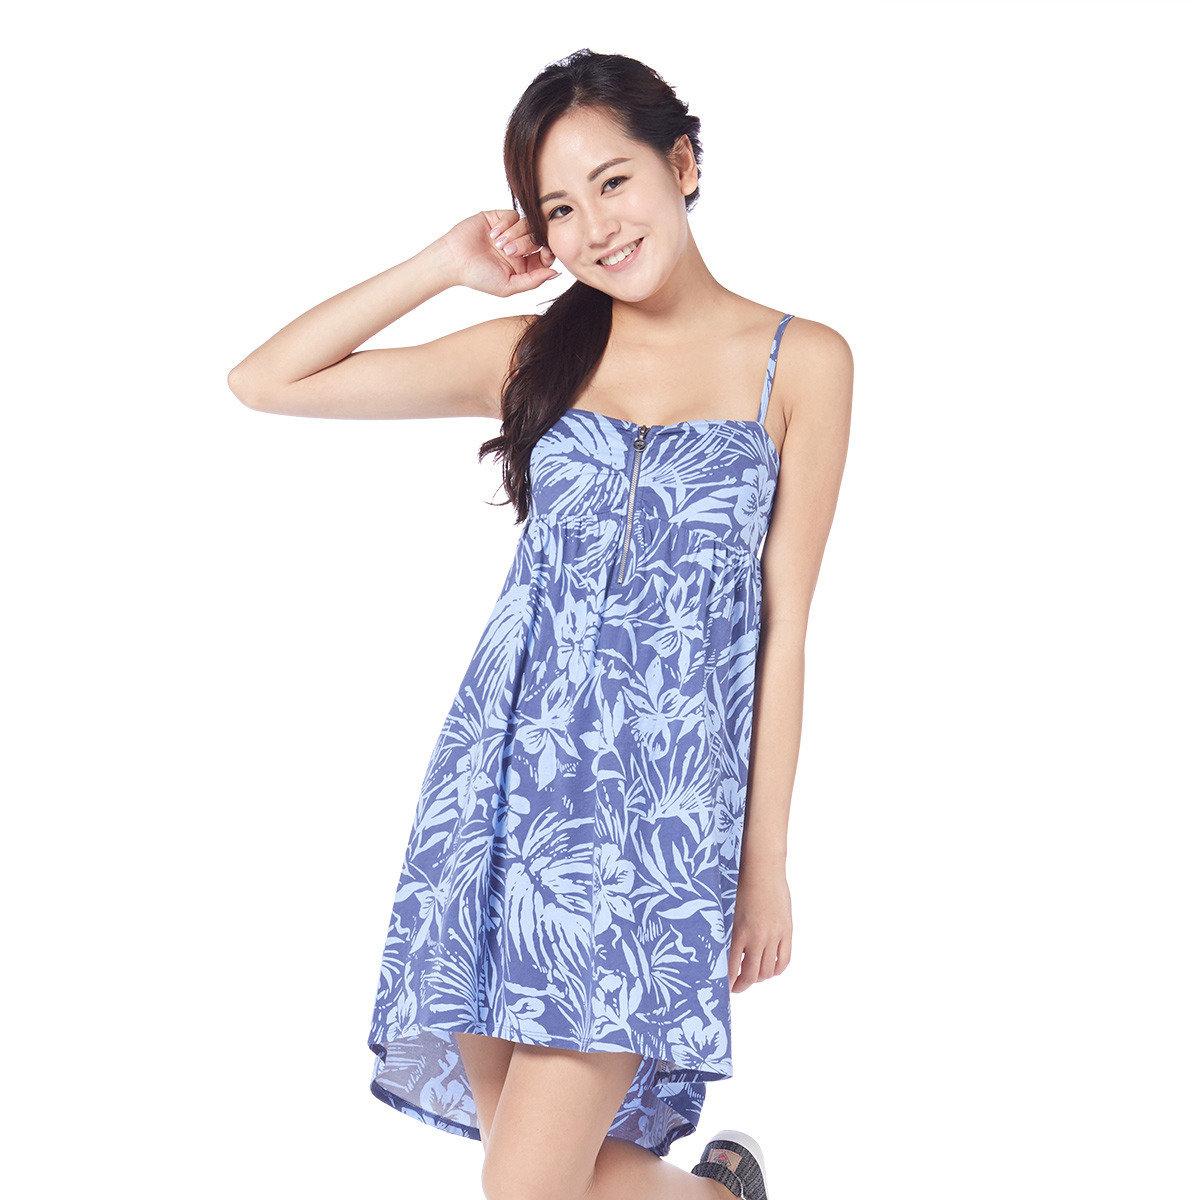 熱帶花卉印花連身裙